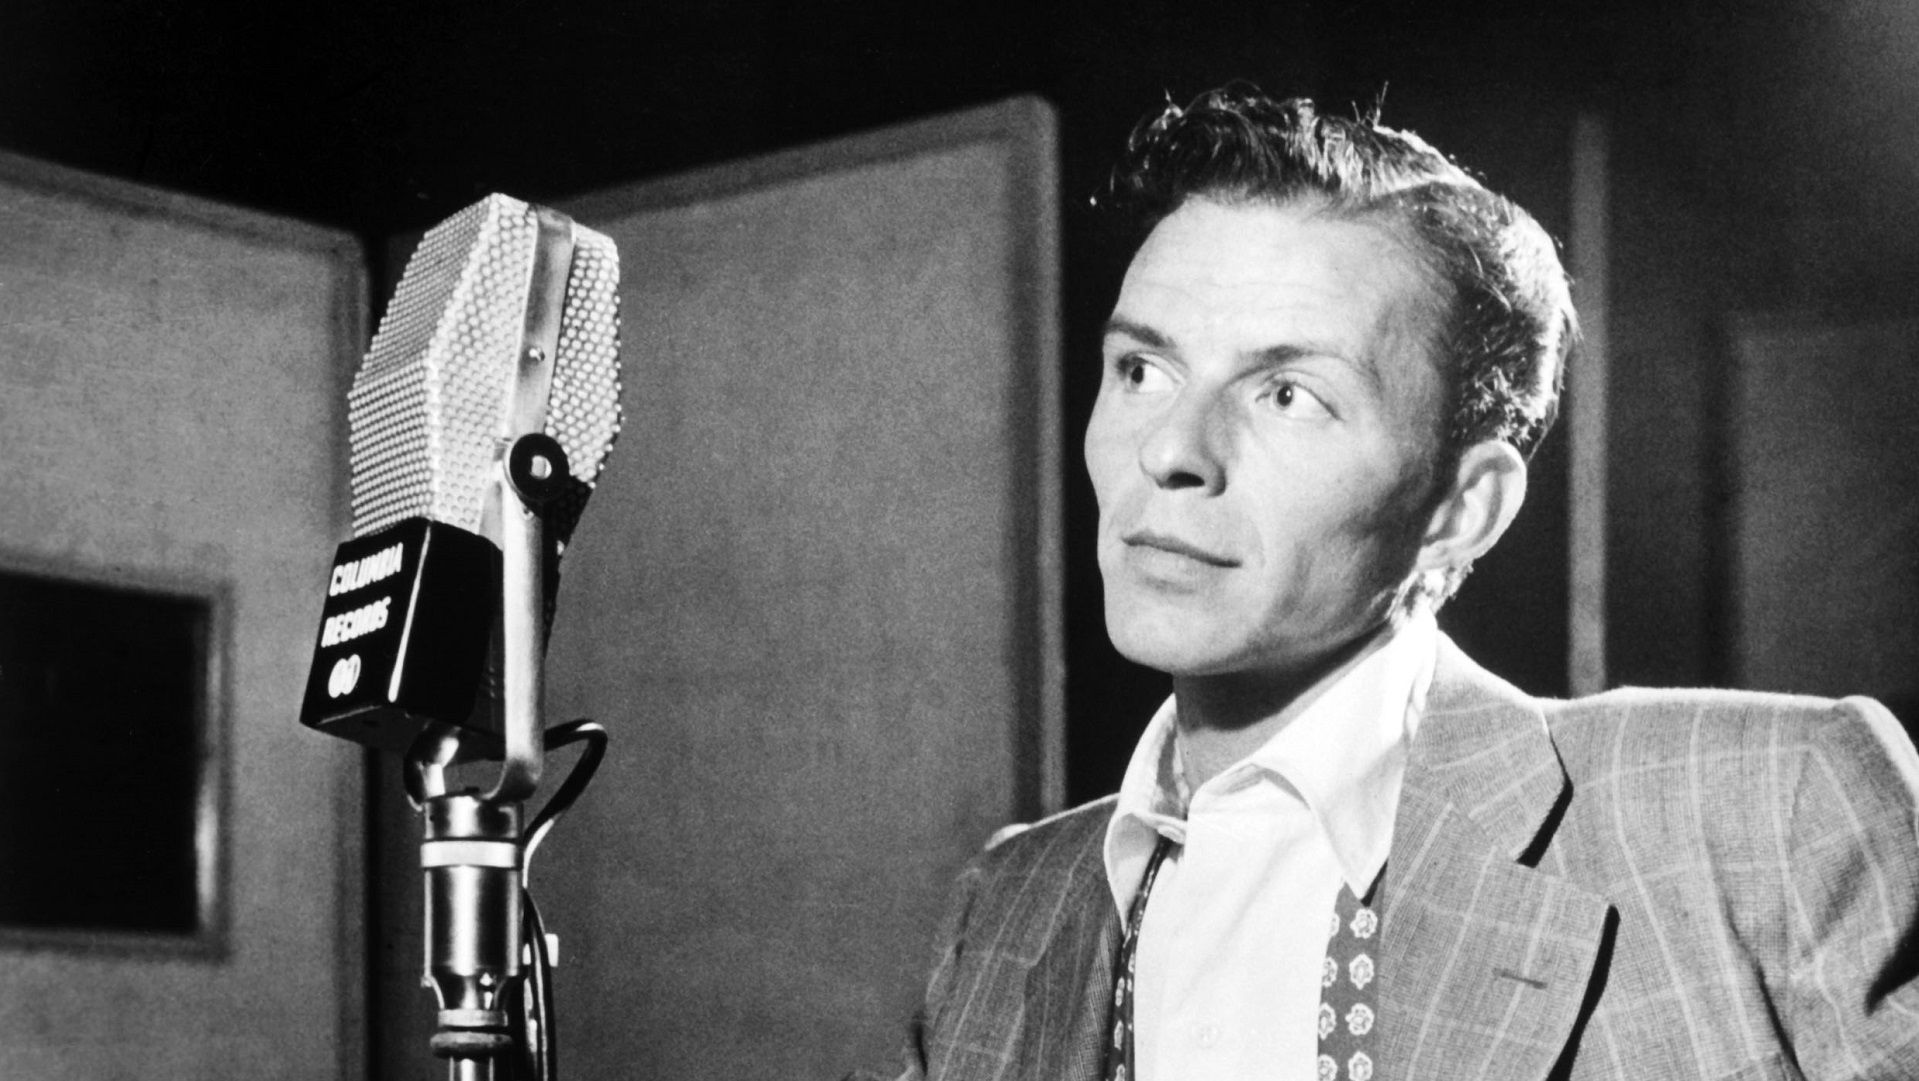 Le Classic Frank Sinatra sur Ciné+